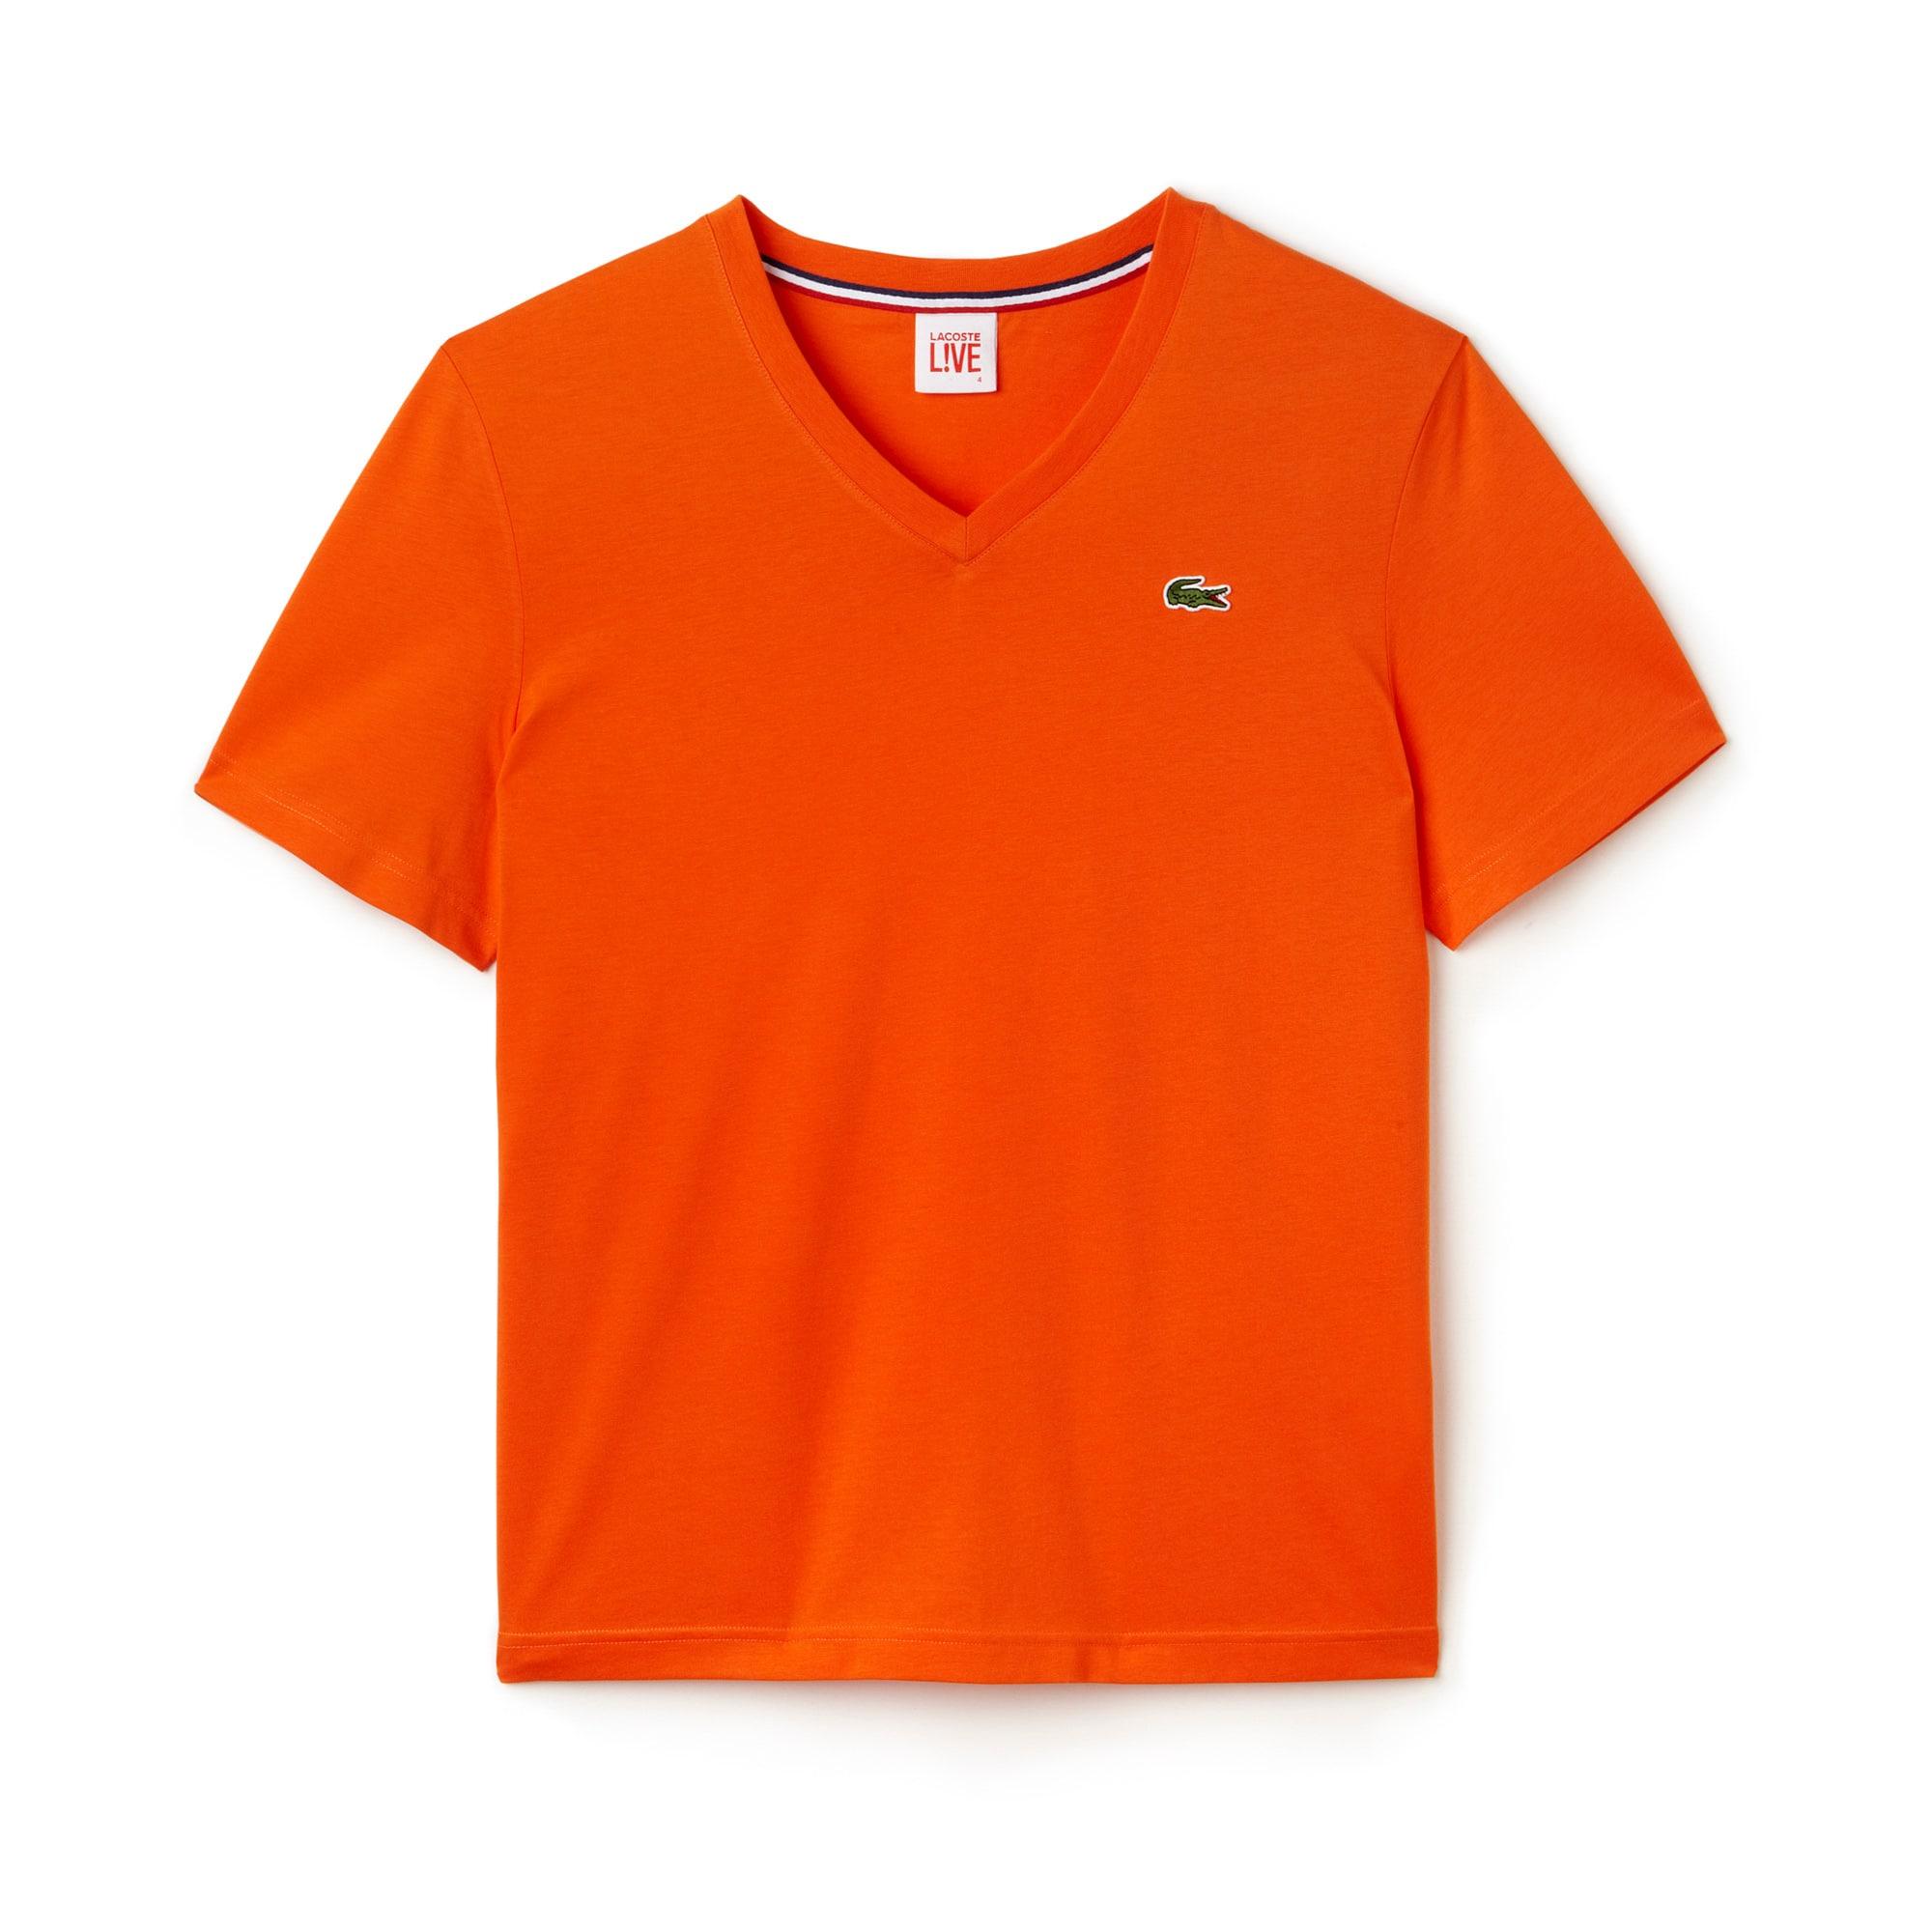 Camiseta Lacoste LIVE ultra-slim con cuello a pico de punto jersey